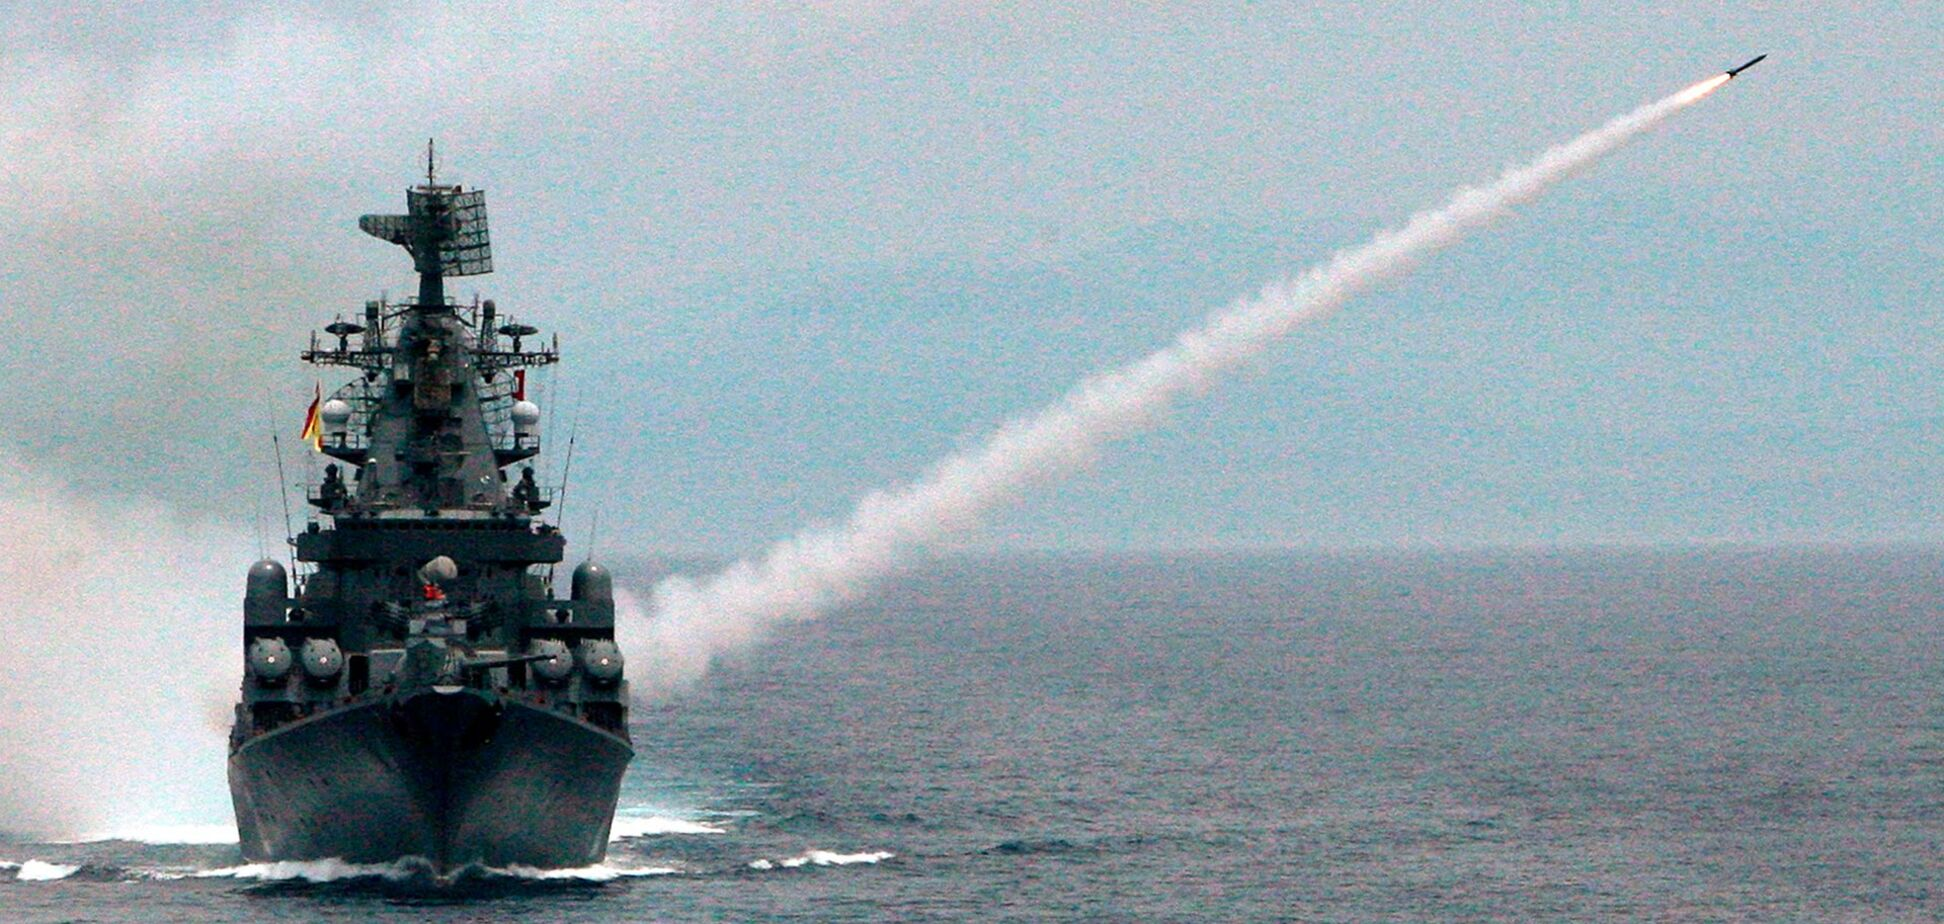 С-400 – не самое страшное: названо по-настоящему серьезное оружие РФ в Крыму